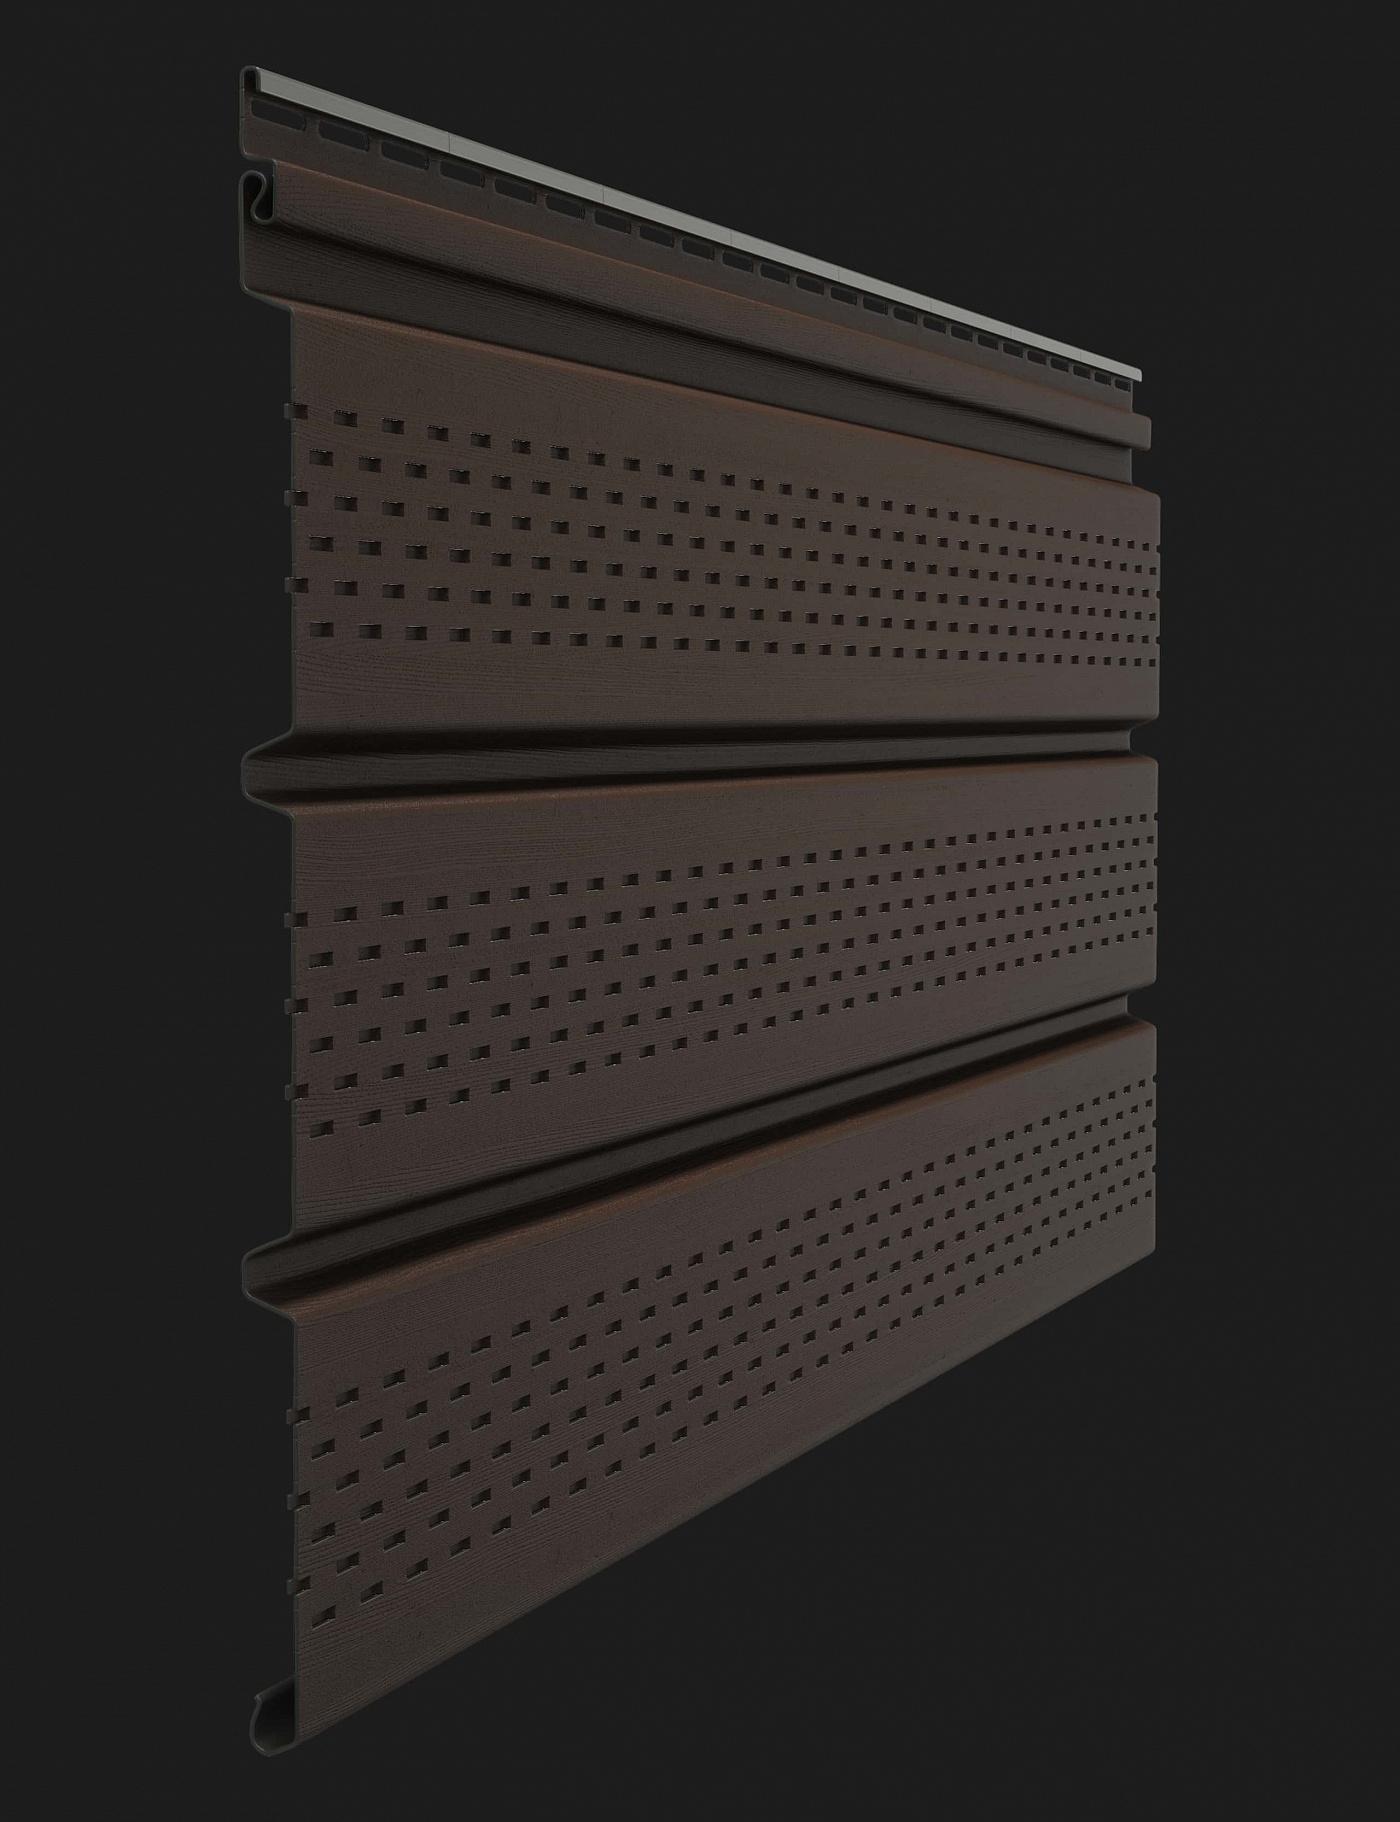 Софит пластиковый Docke Premium T4 с полной перфорацией 3000 мм Шоколад